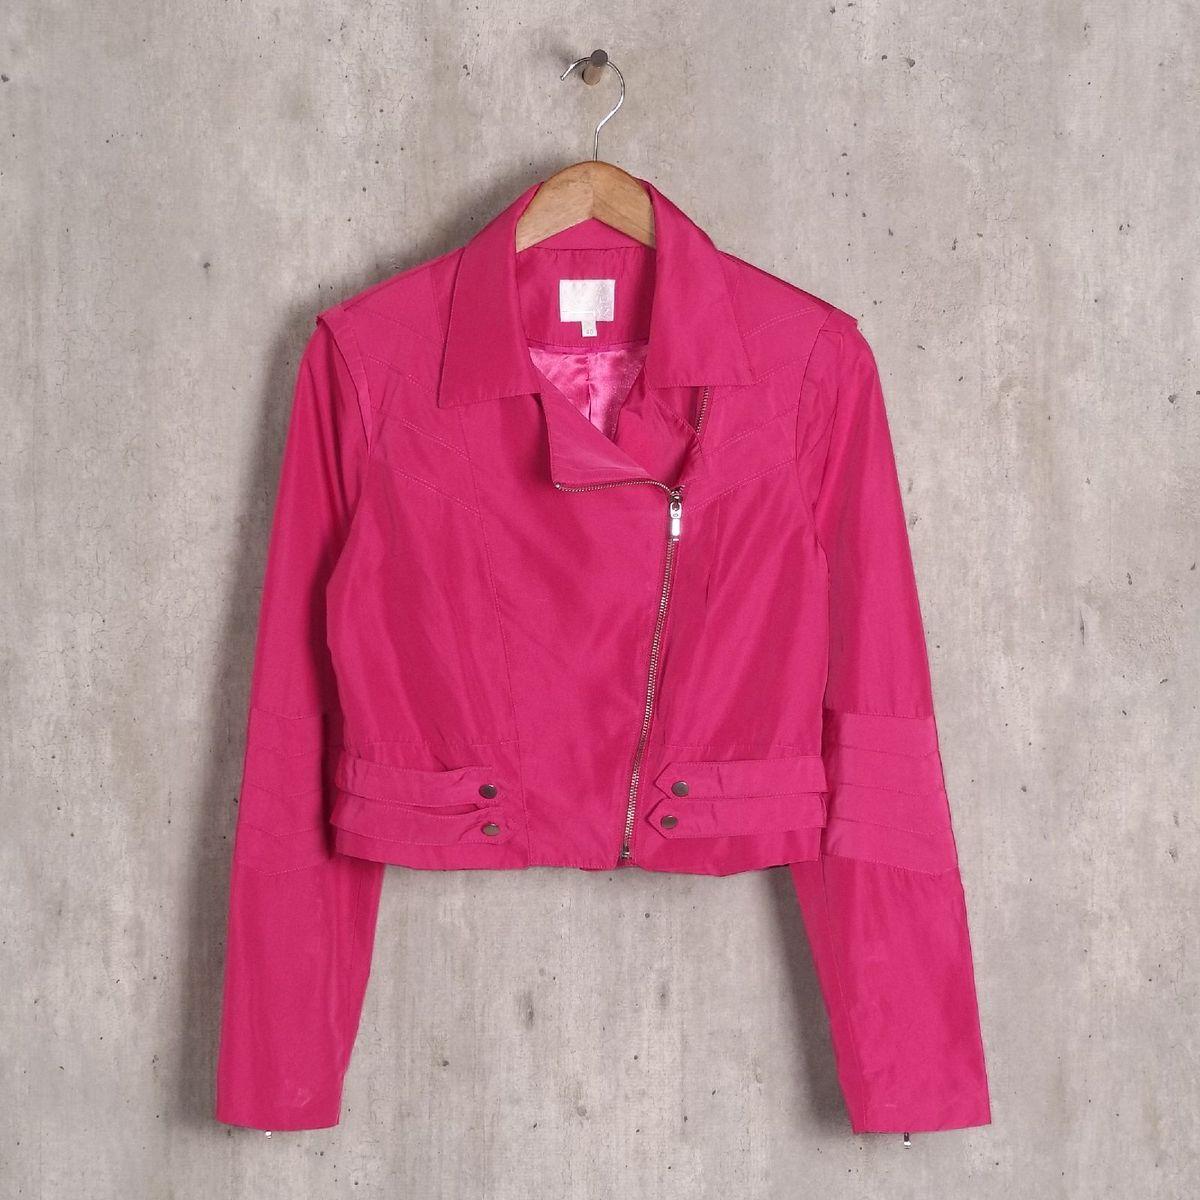 casaquinho rosa escuro tvz - casaquinhos tvz